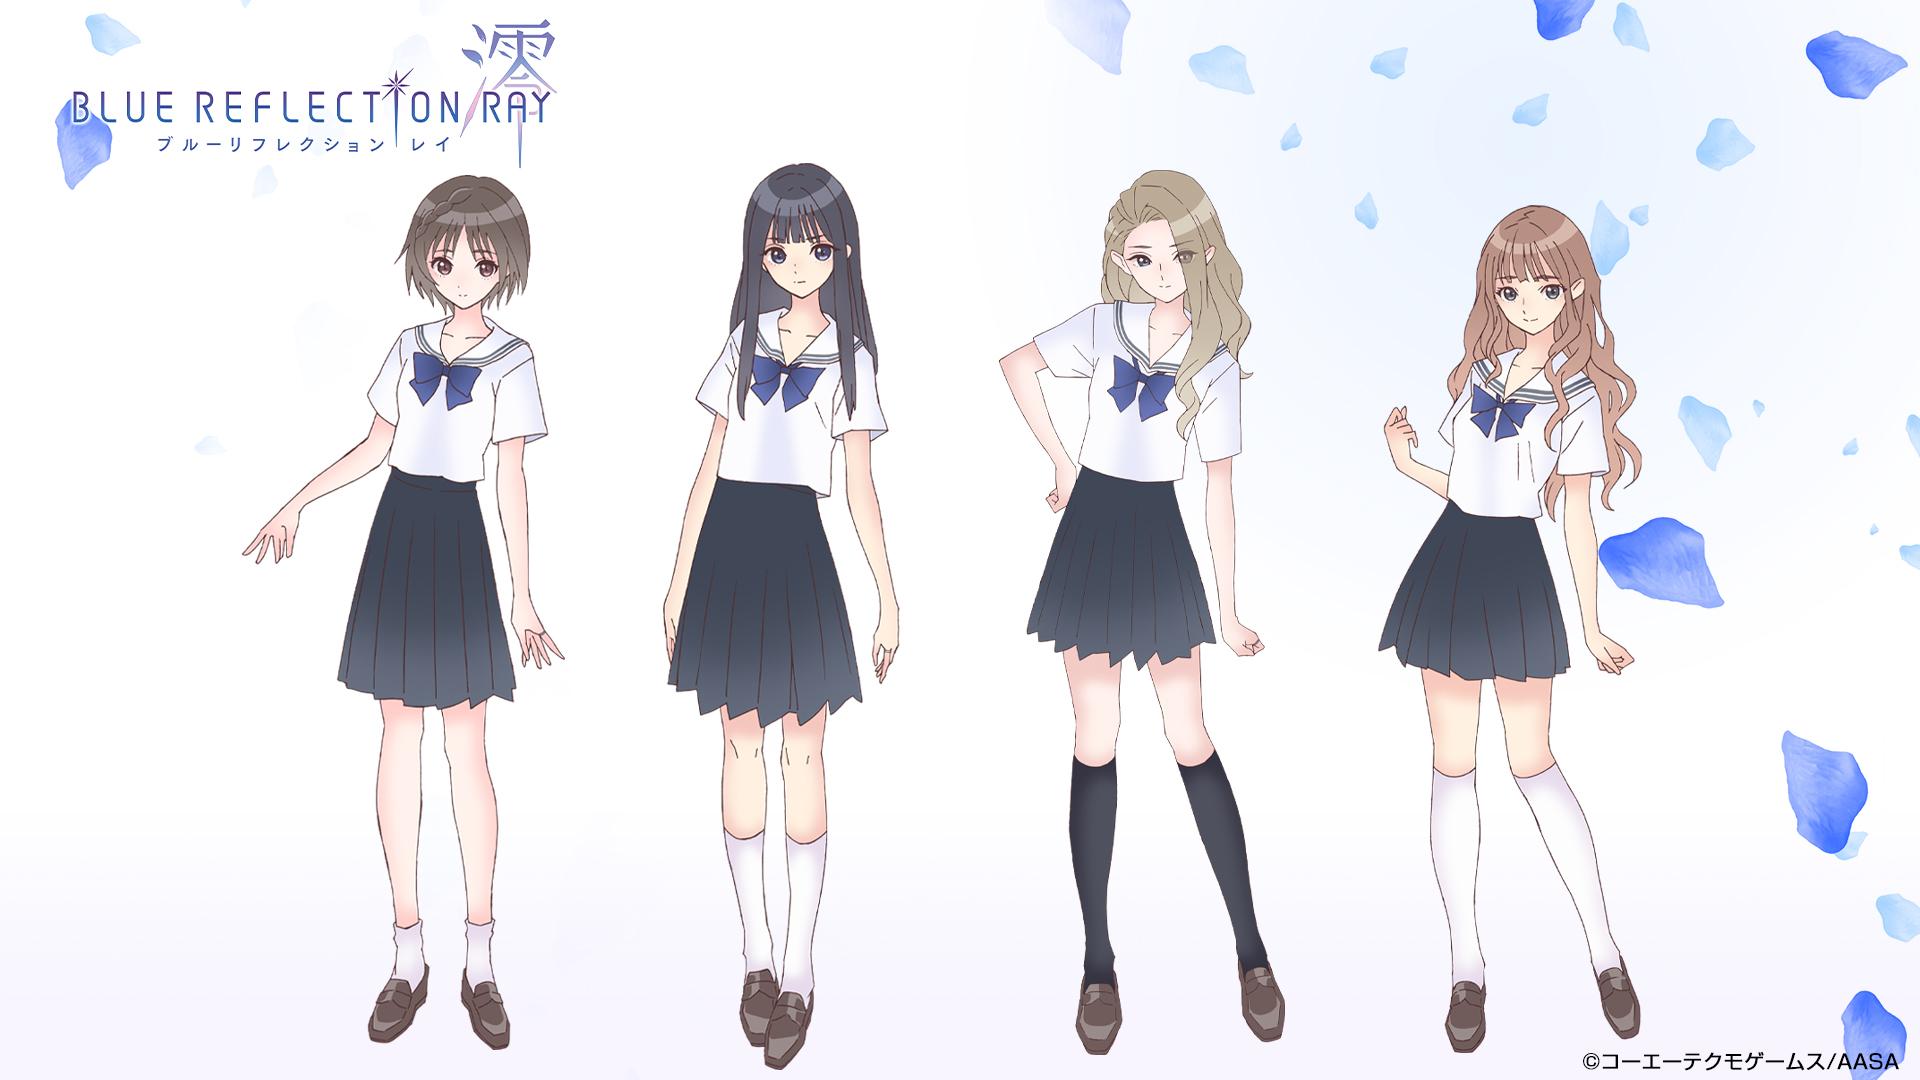 Una imagen promocional para el próximo anime de BLUE REFLECTION RAY / Mio TV, con los cuatro personajes principales vestidos con sus uniformes de la escuela secundaria.